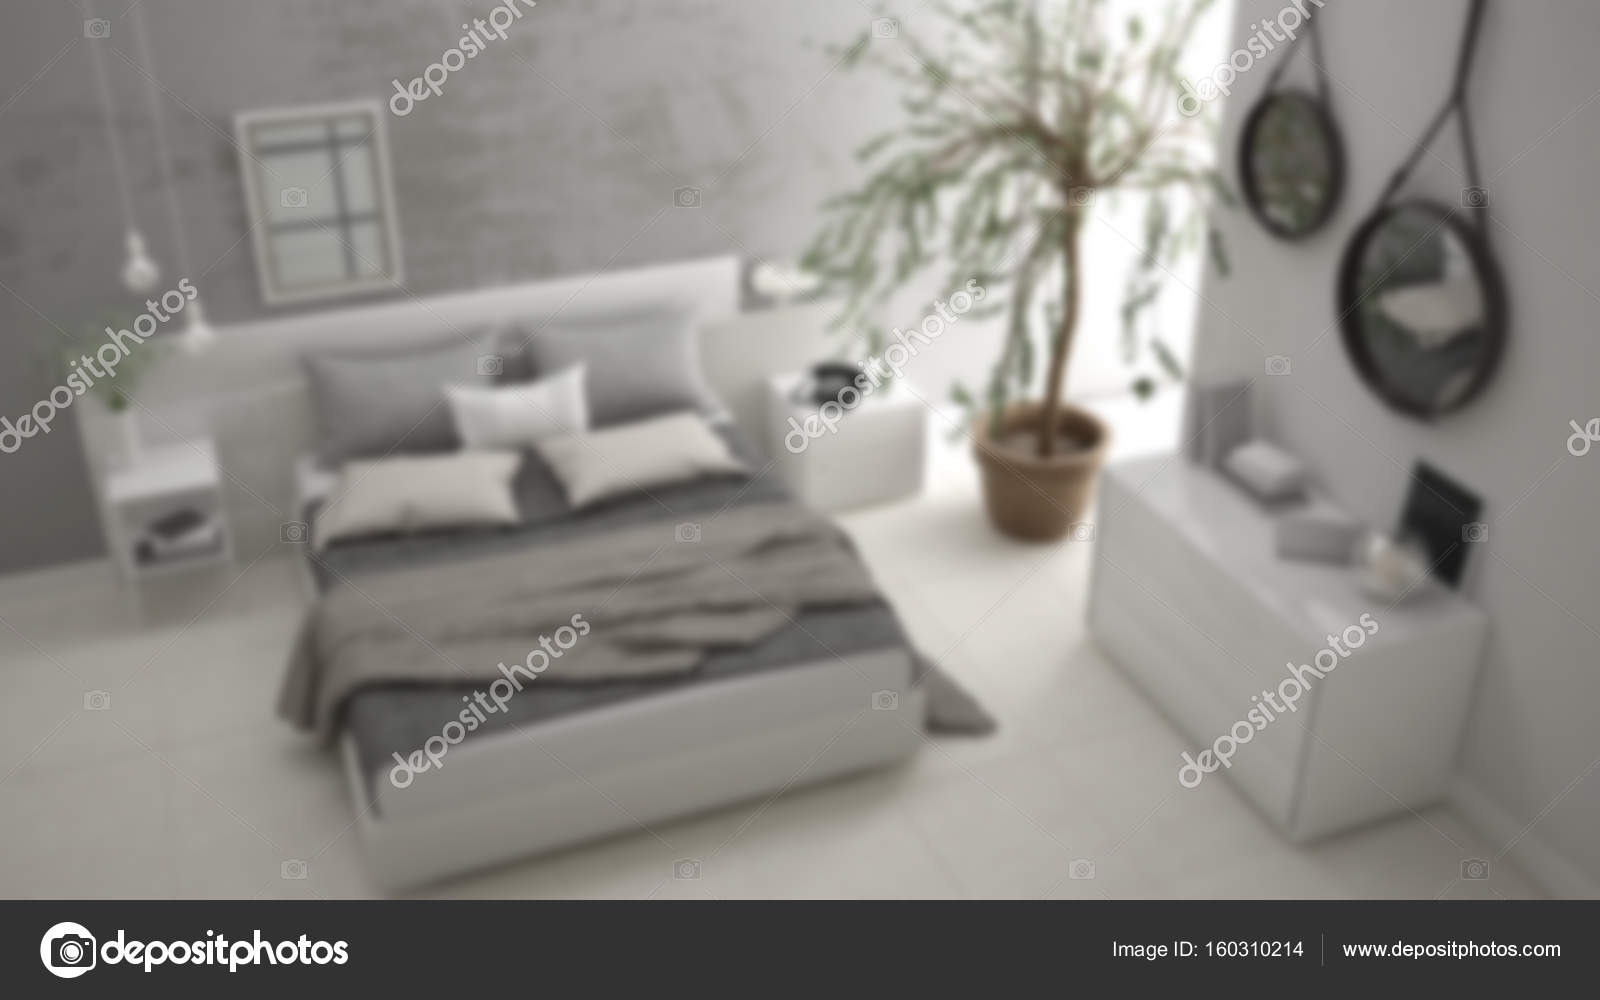 Modern Interieur Wit : Blur background interior design minimalistic modern bedroom wit